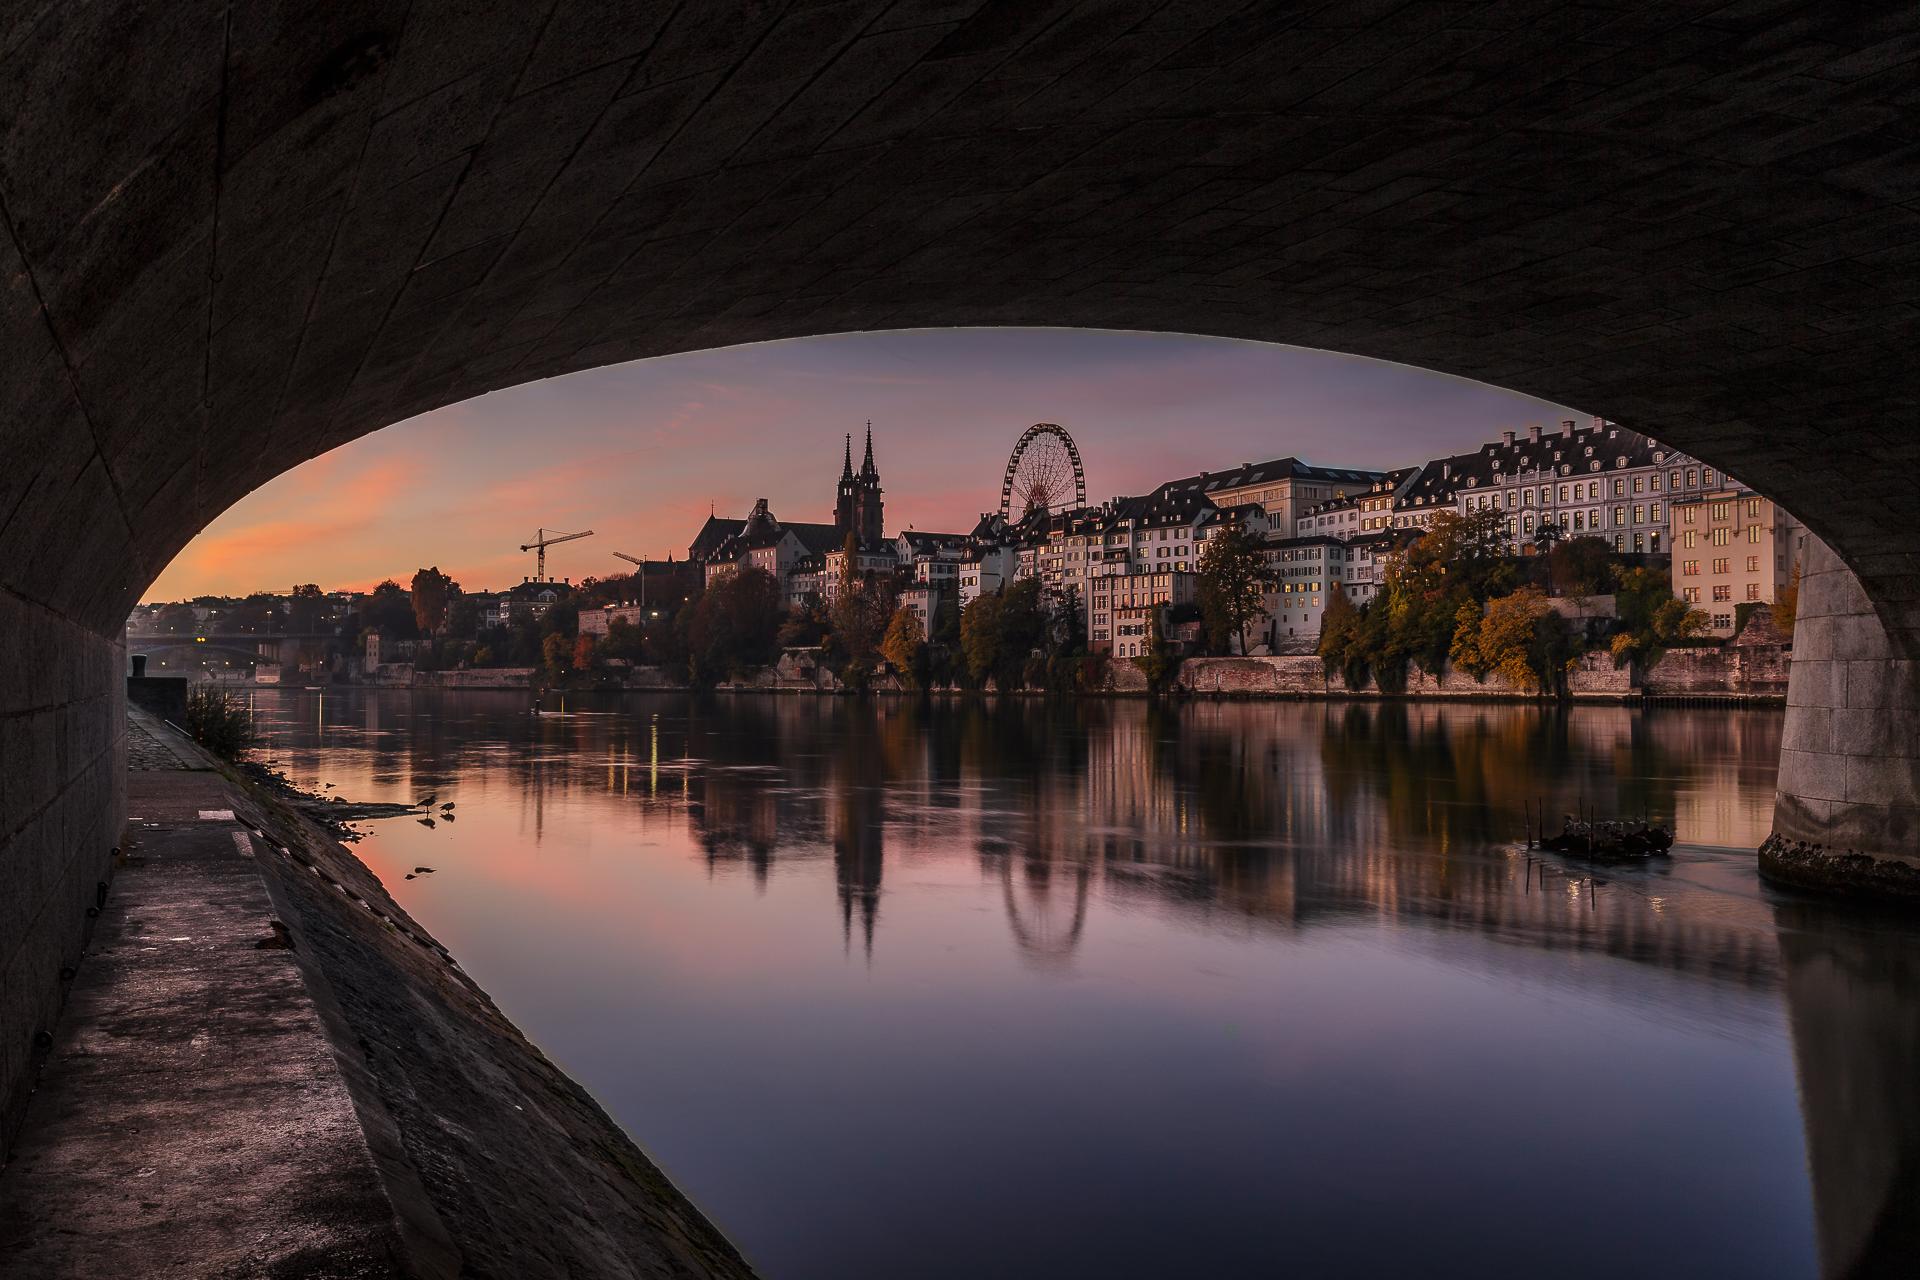 Sonnenaufgang-Basel-mittlere-Bruecke